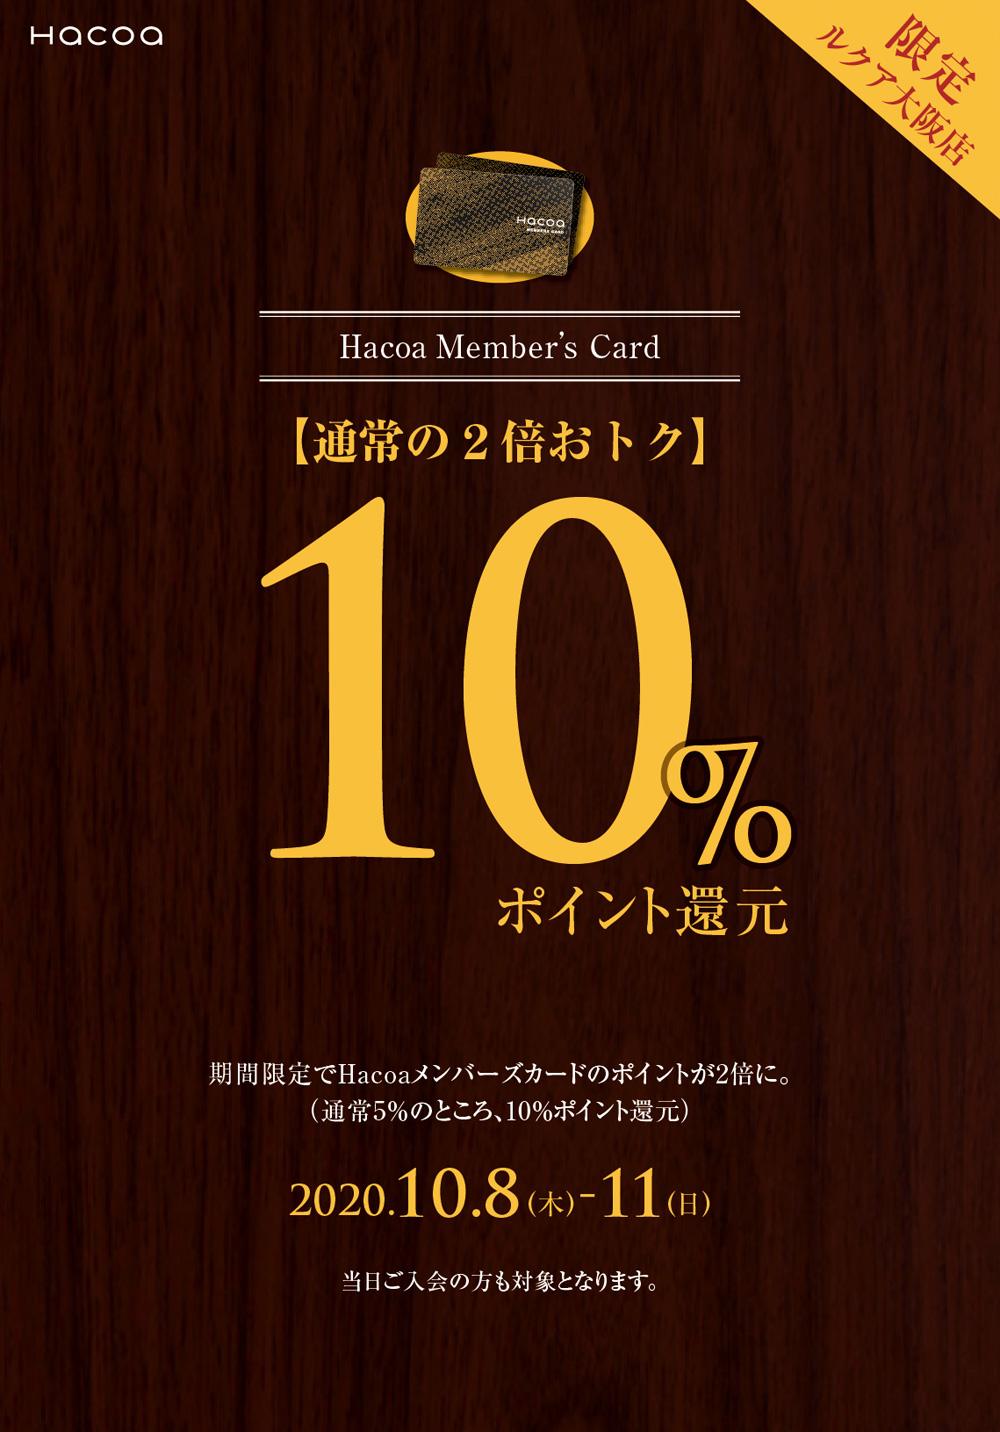 10月8日(木)~11日(日) 期間限定ポイント2倍祭